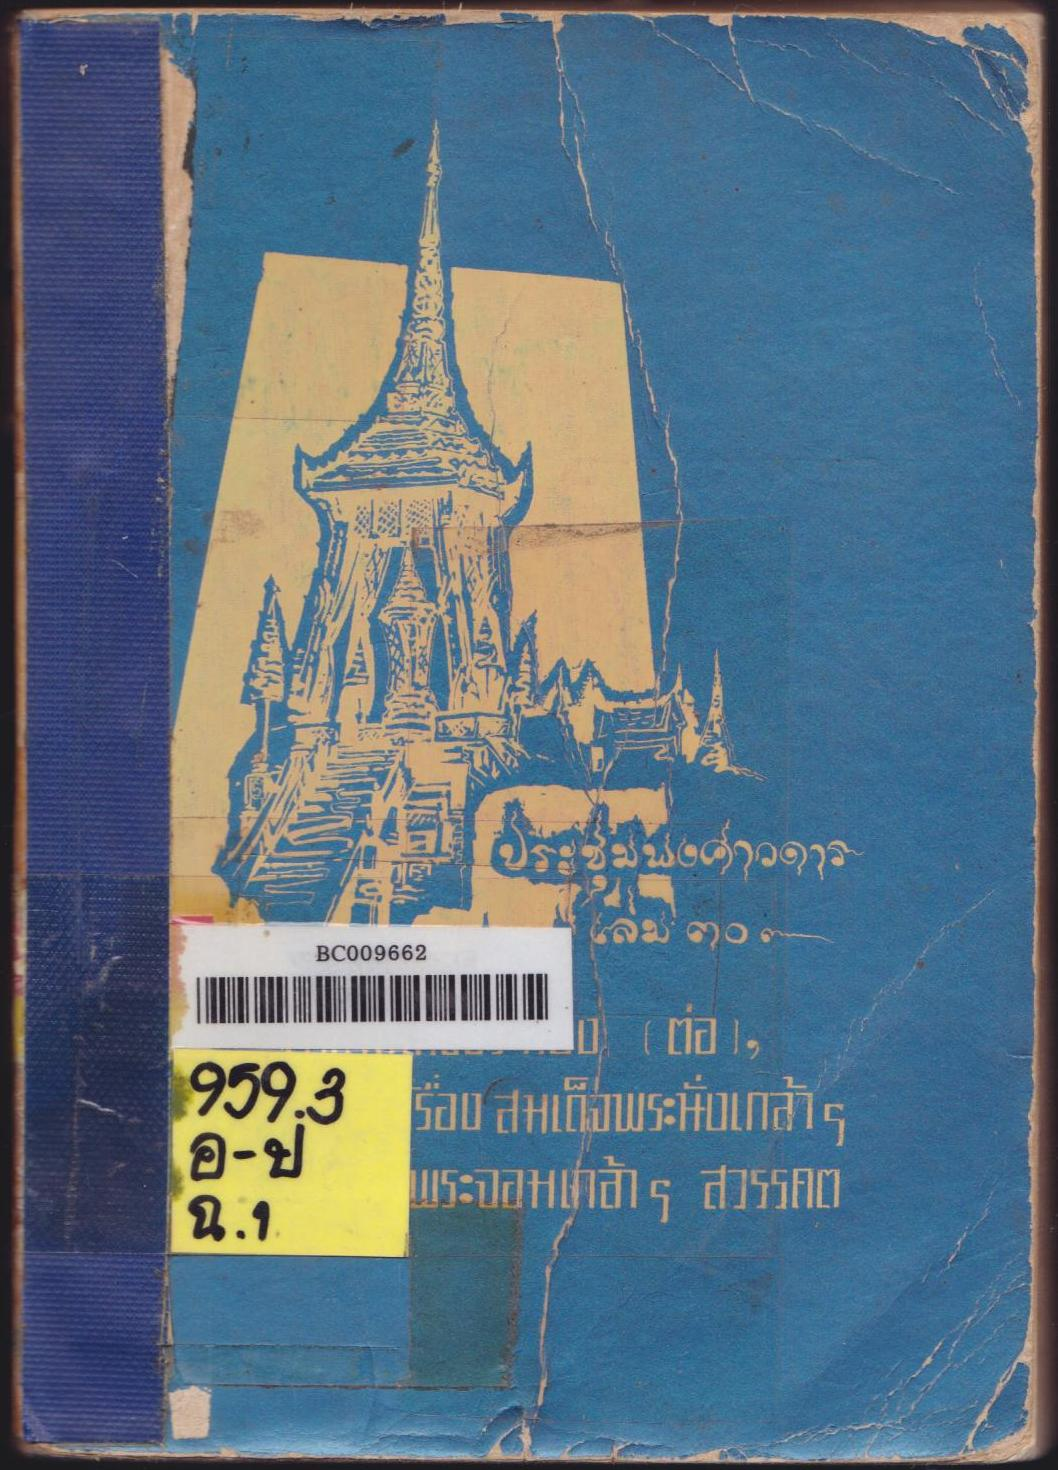 ประชุมพงศาวดาร เล่ม 30 ( ประชุมพงศาวดาร ภาคที่ 50 ( ต่อ) -53)